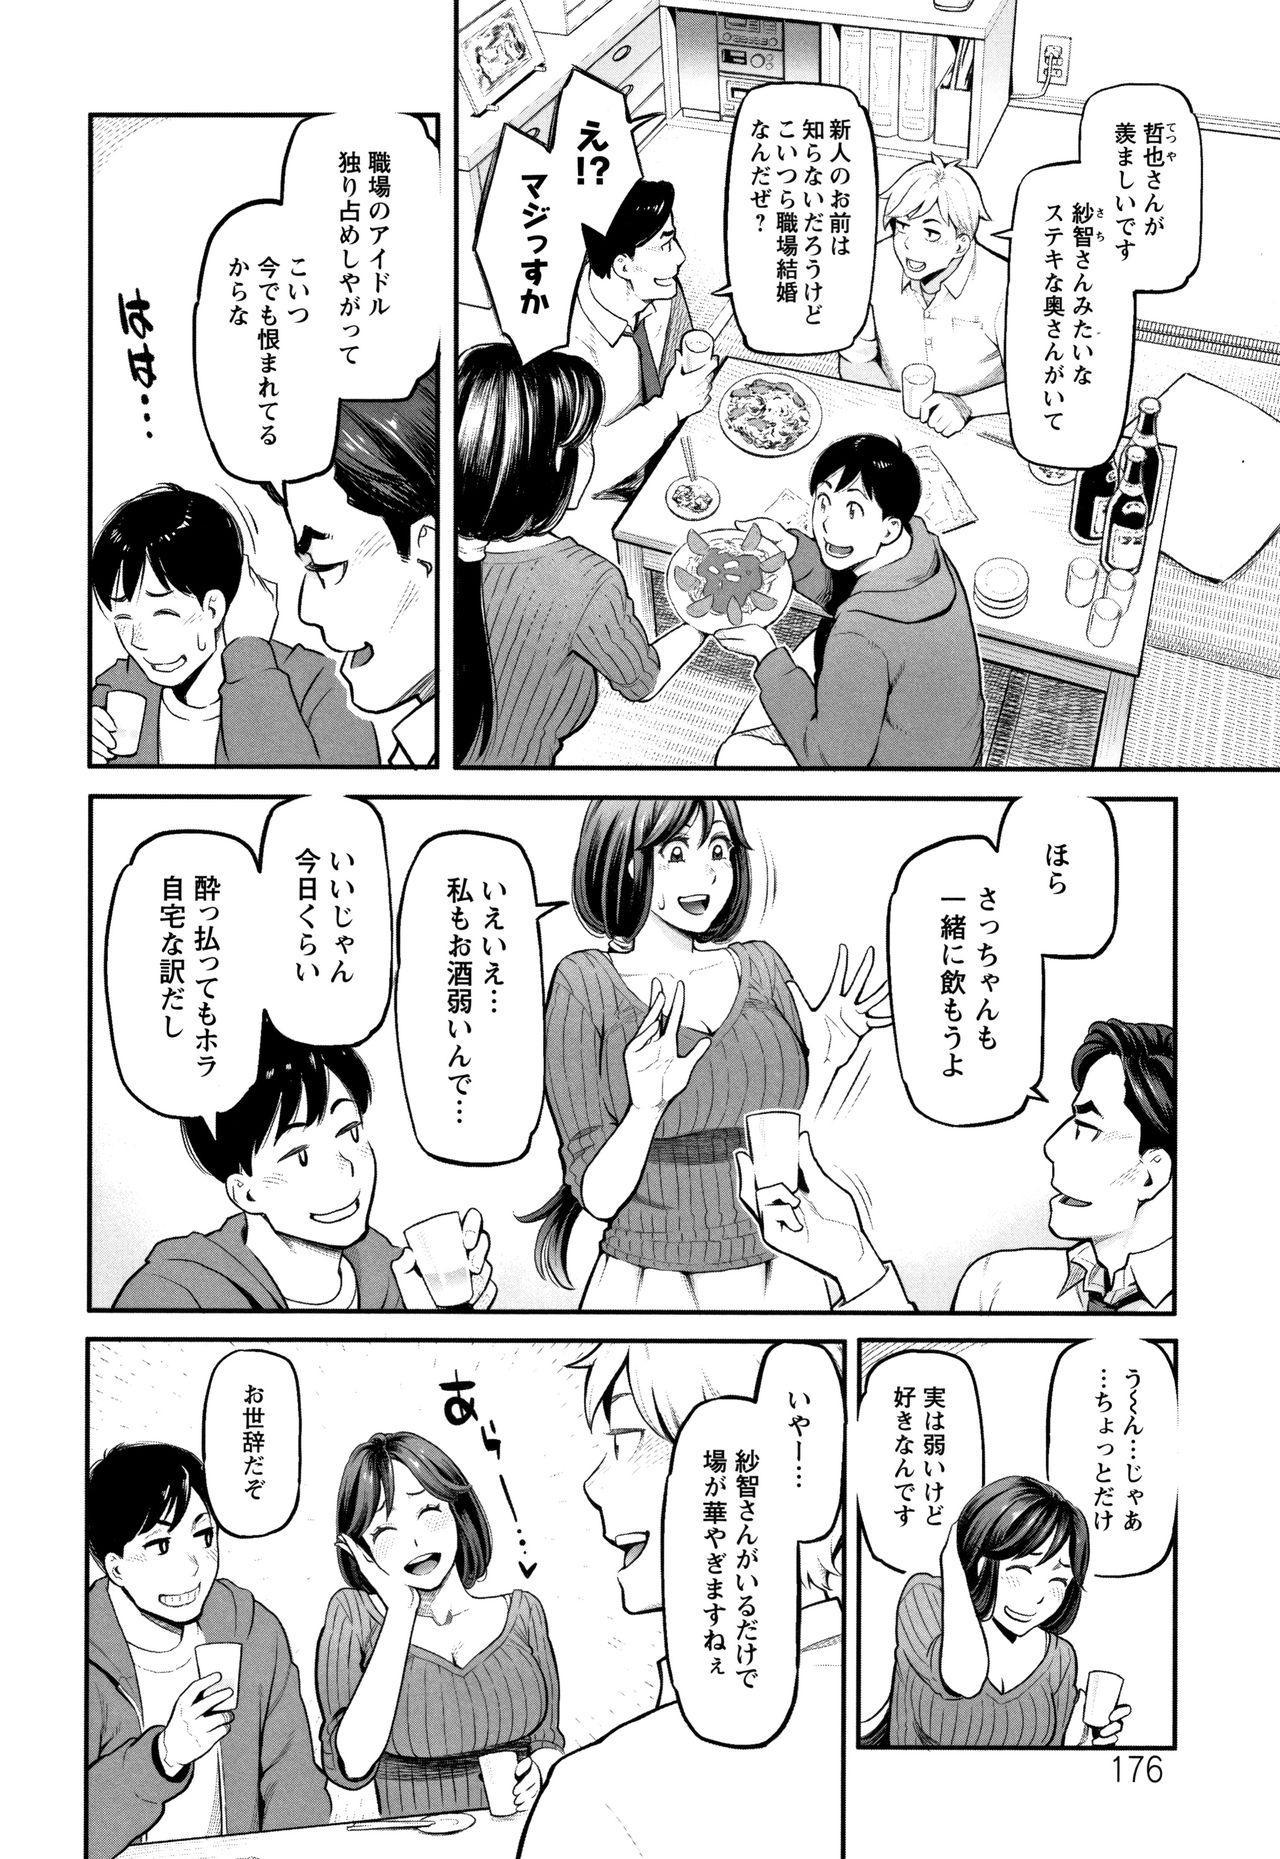 Toketa Risei wa Biyaku no Kaori 176